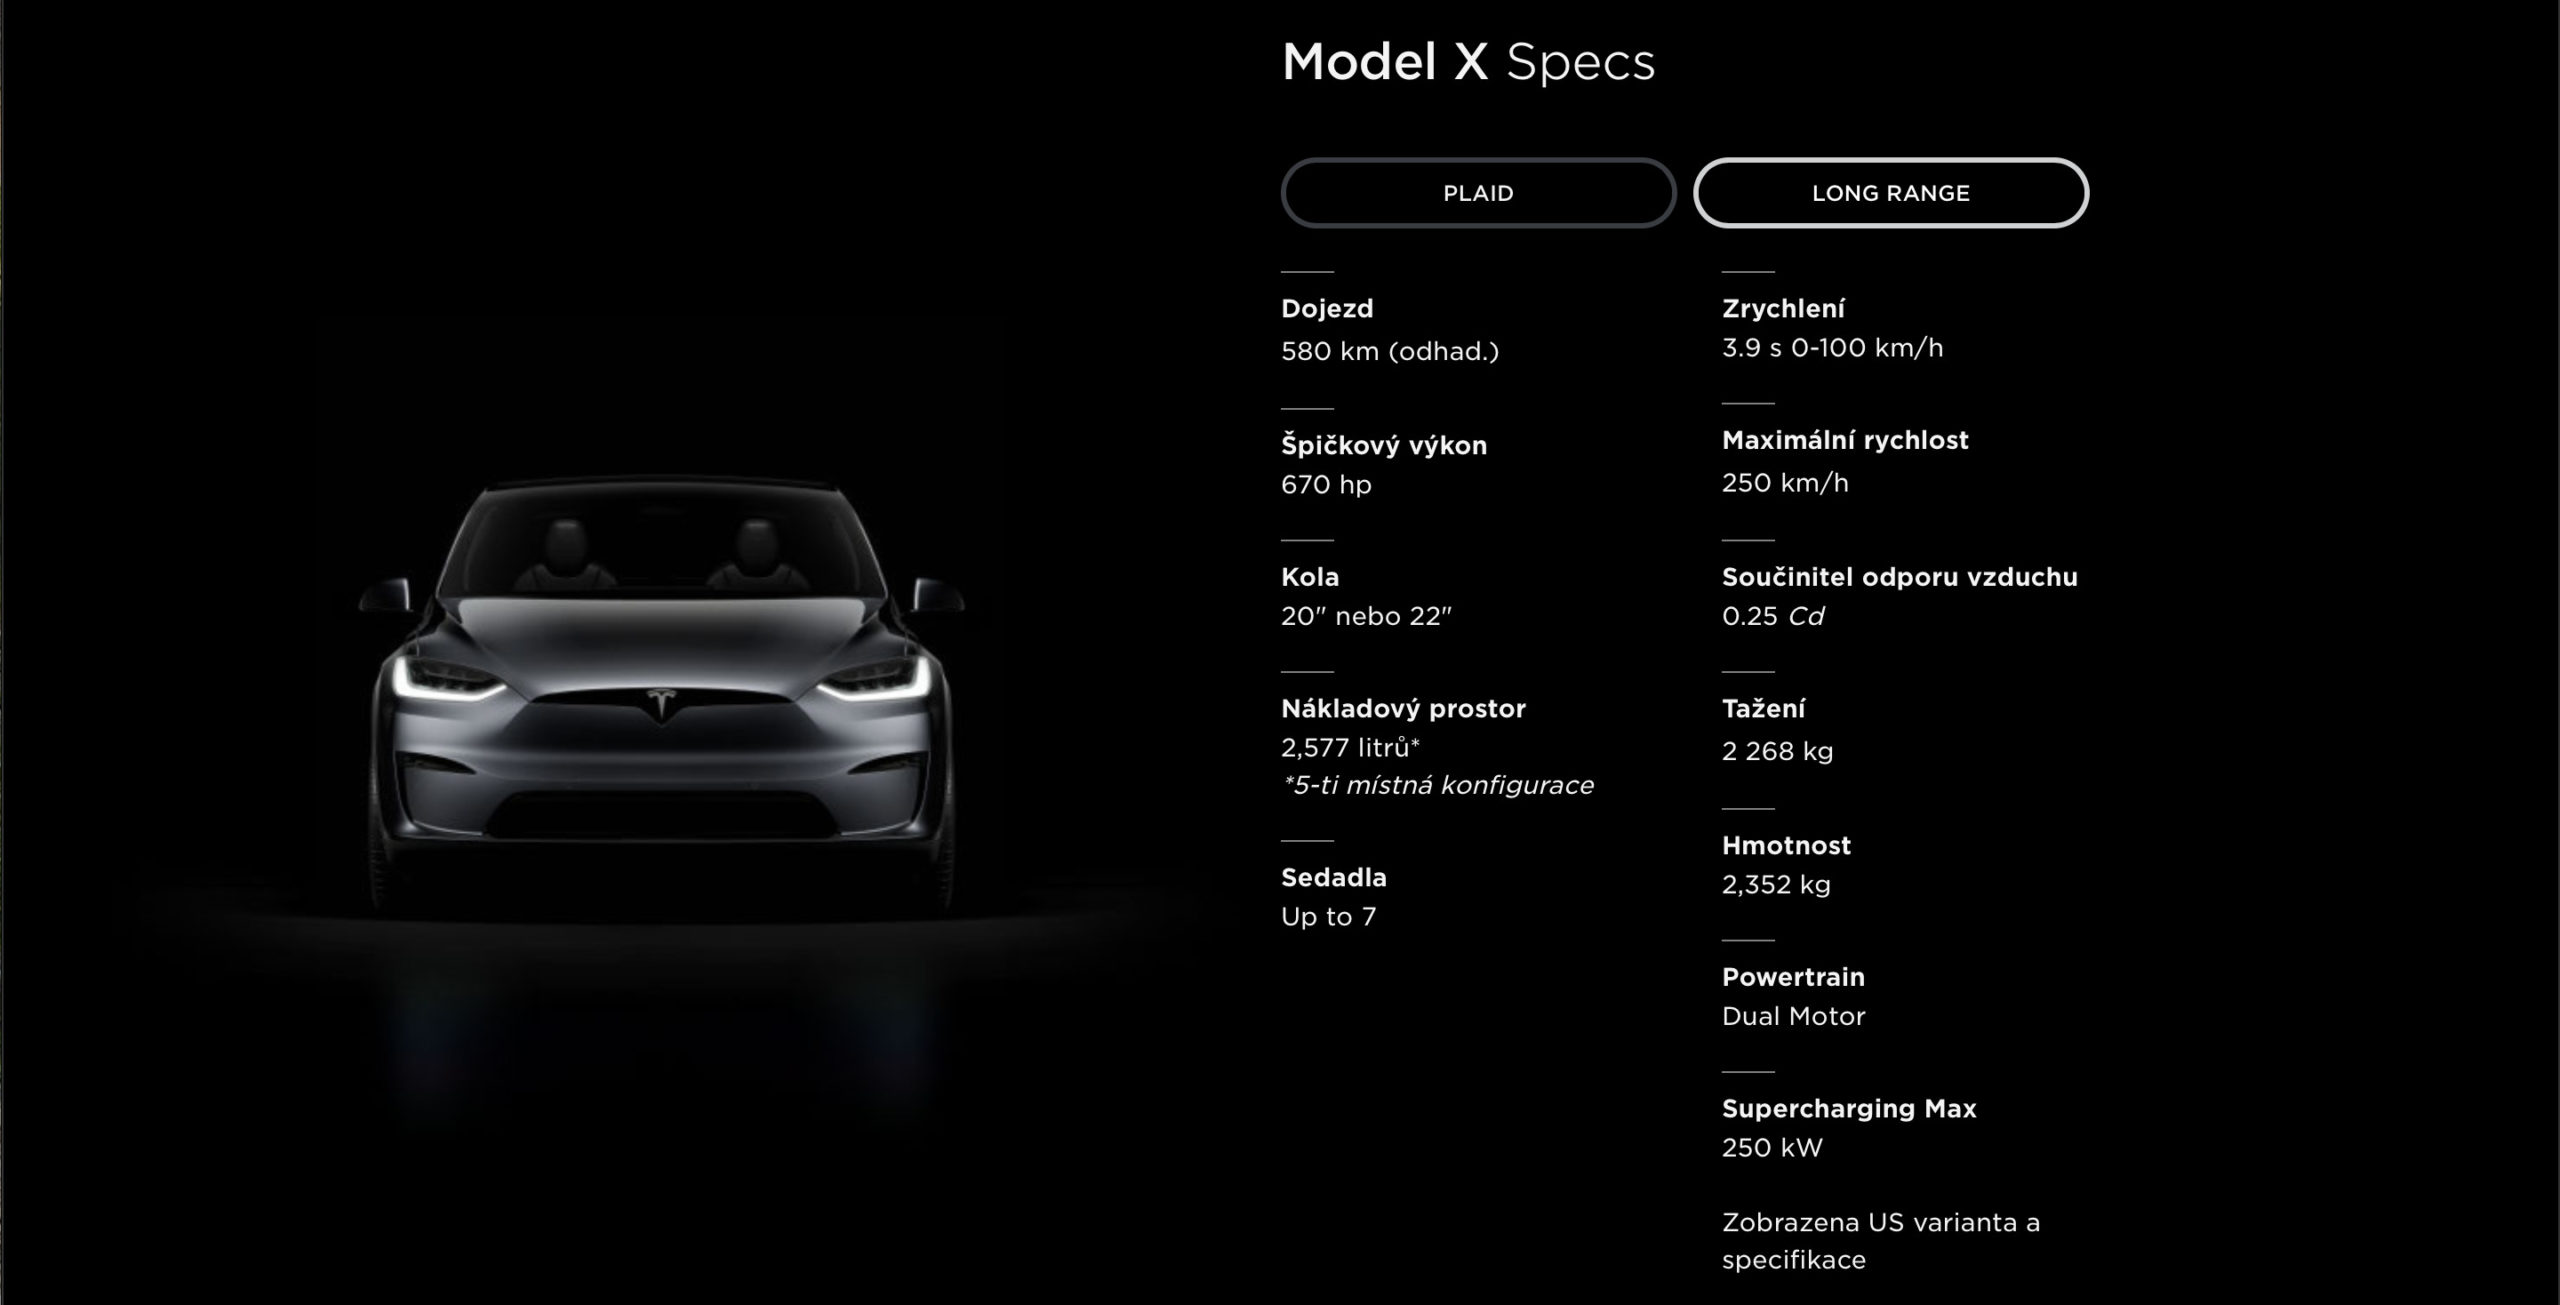 Faceliftovaná Tesla Model X - technické parametre (Foto: Tesla)